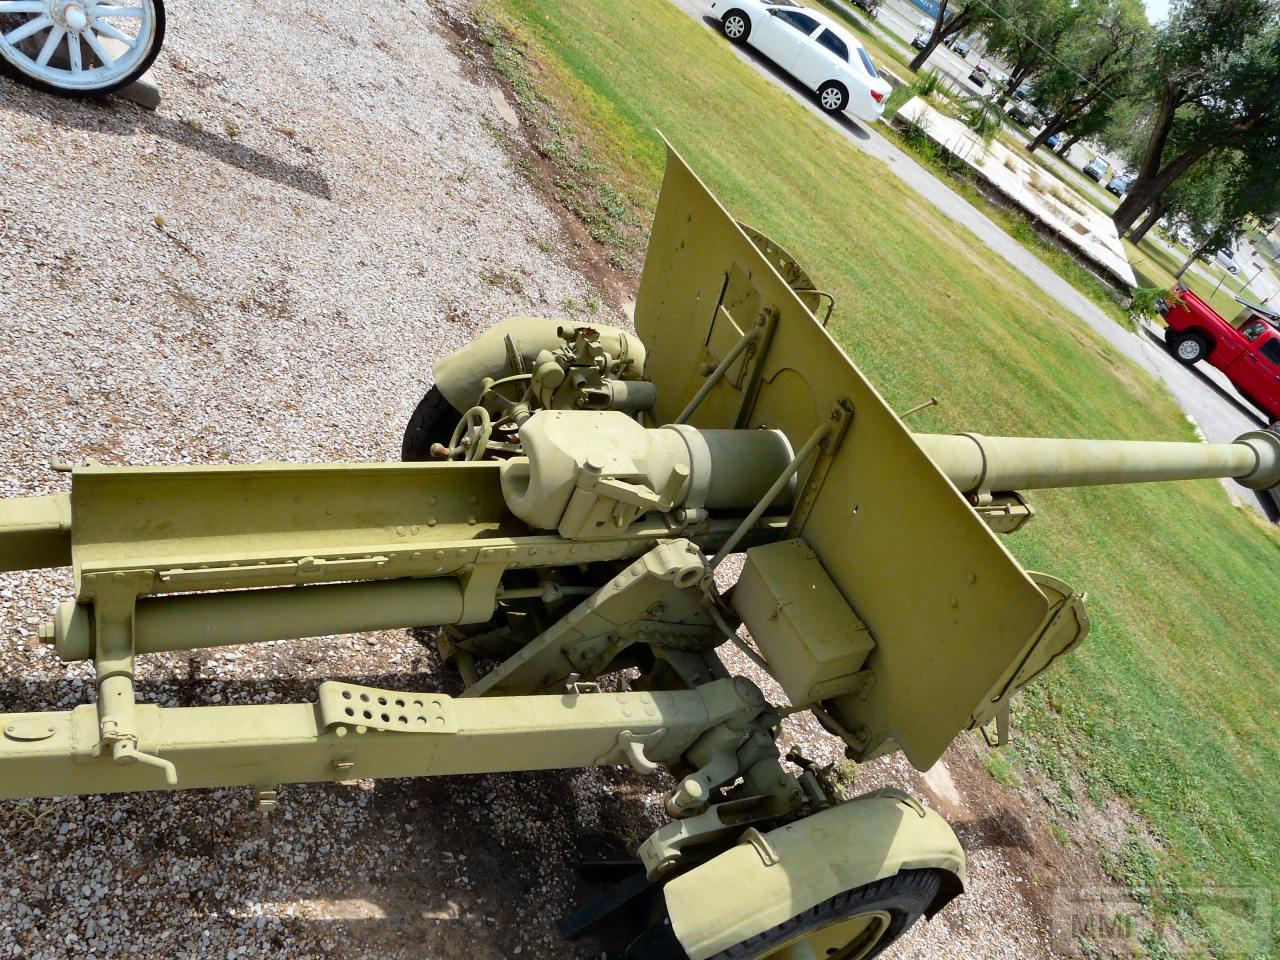 103969 - Японская артиллерия второй мировой